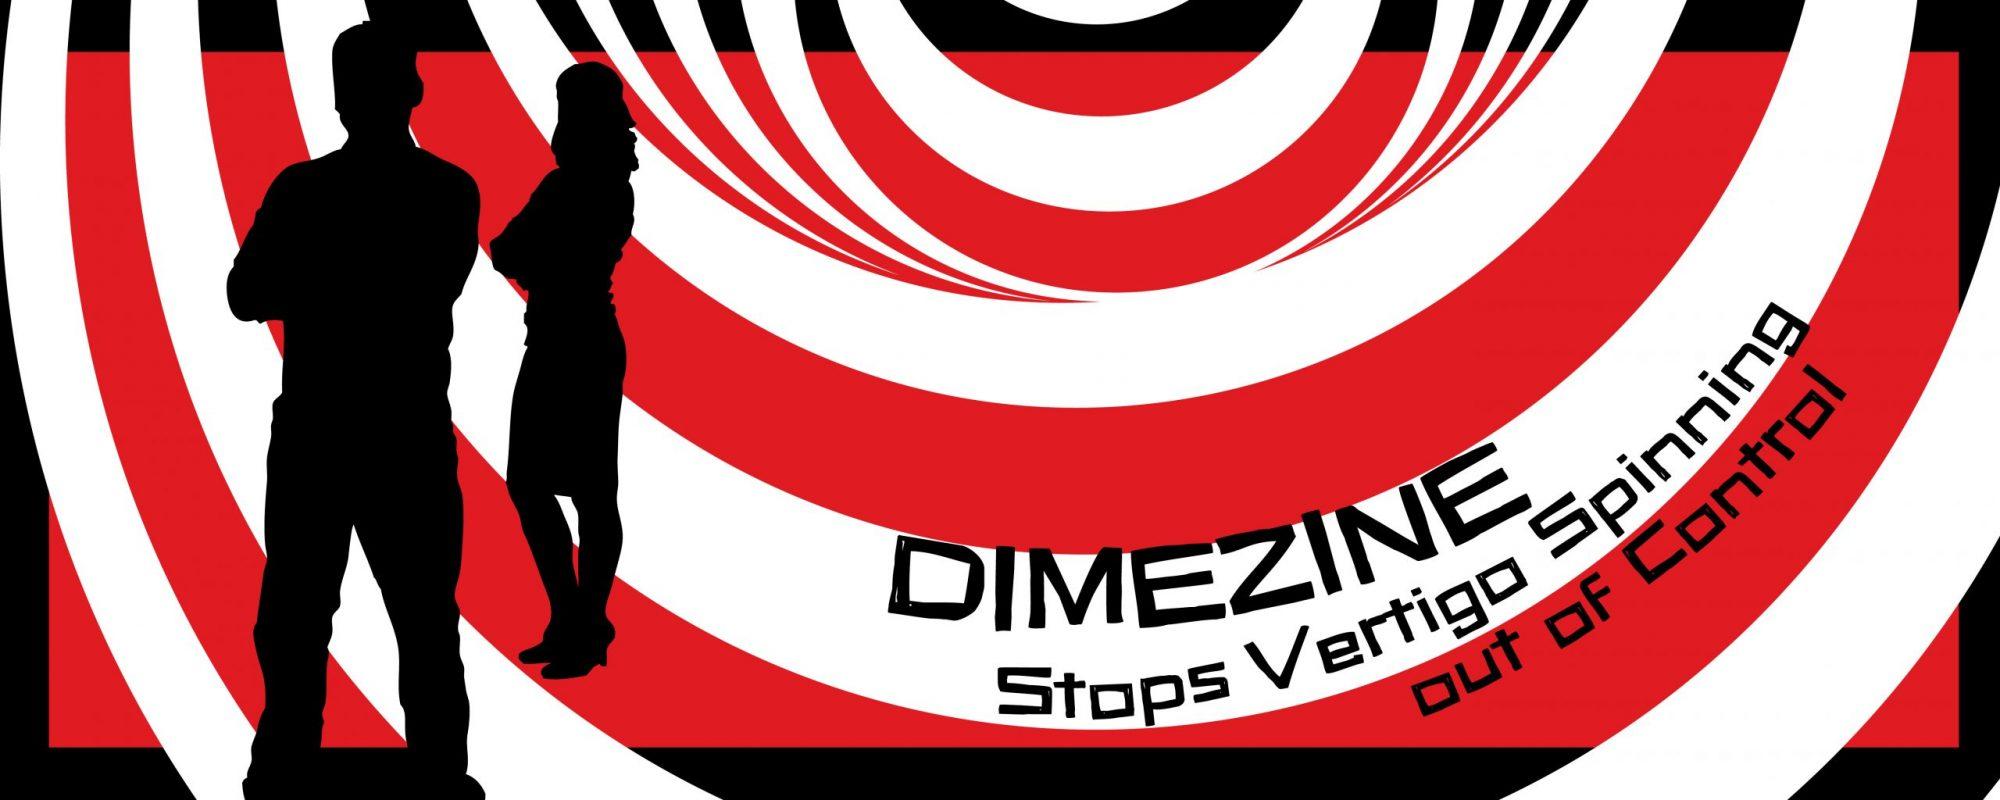 Ajanta Dimezine223